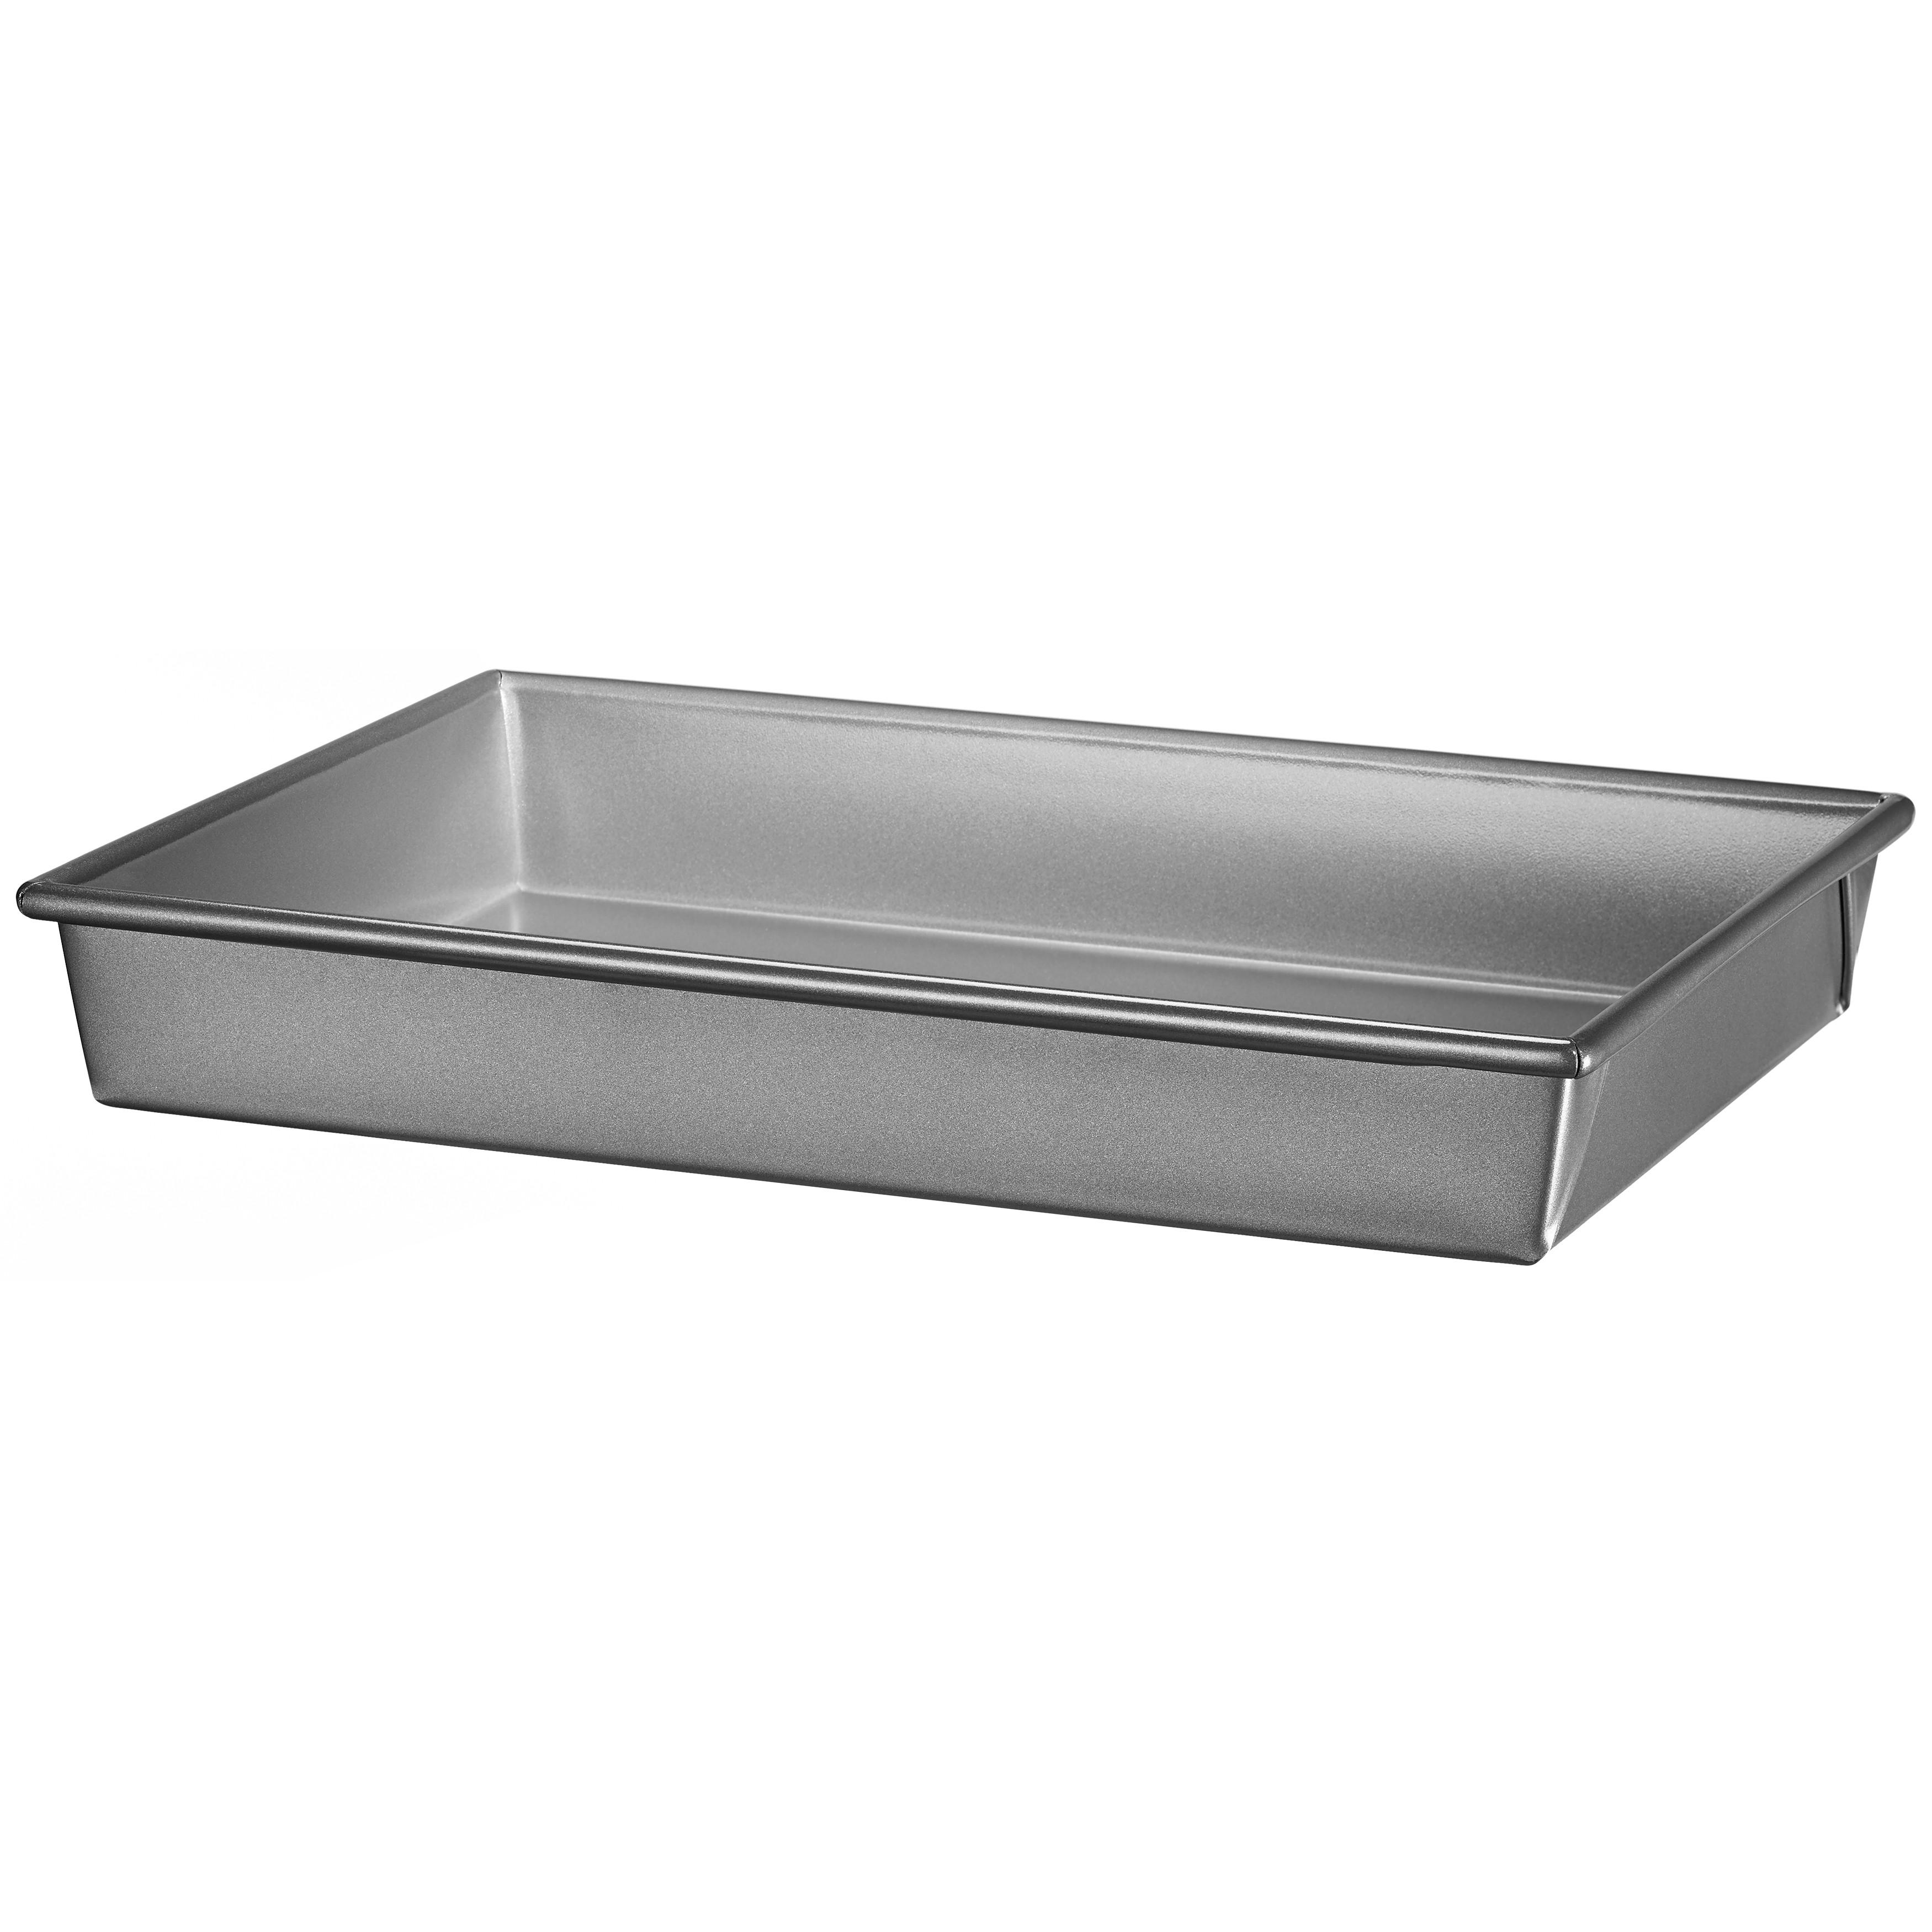 KBNSO09X13 : KitchenAid langpanne (grå)